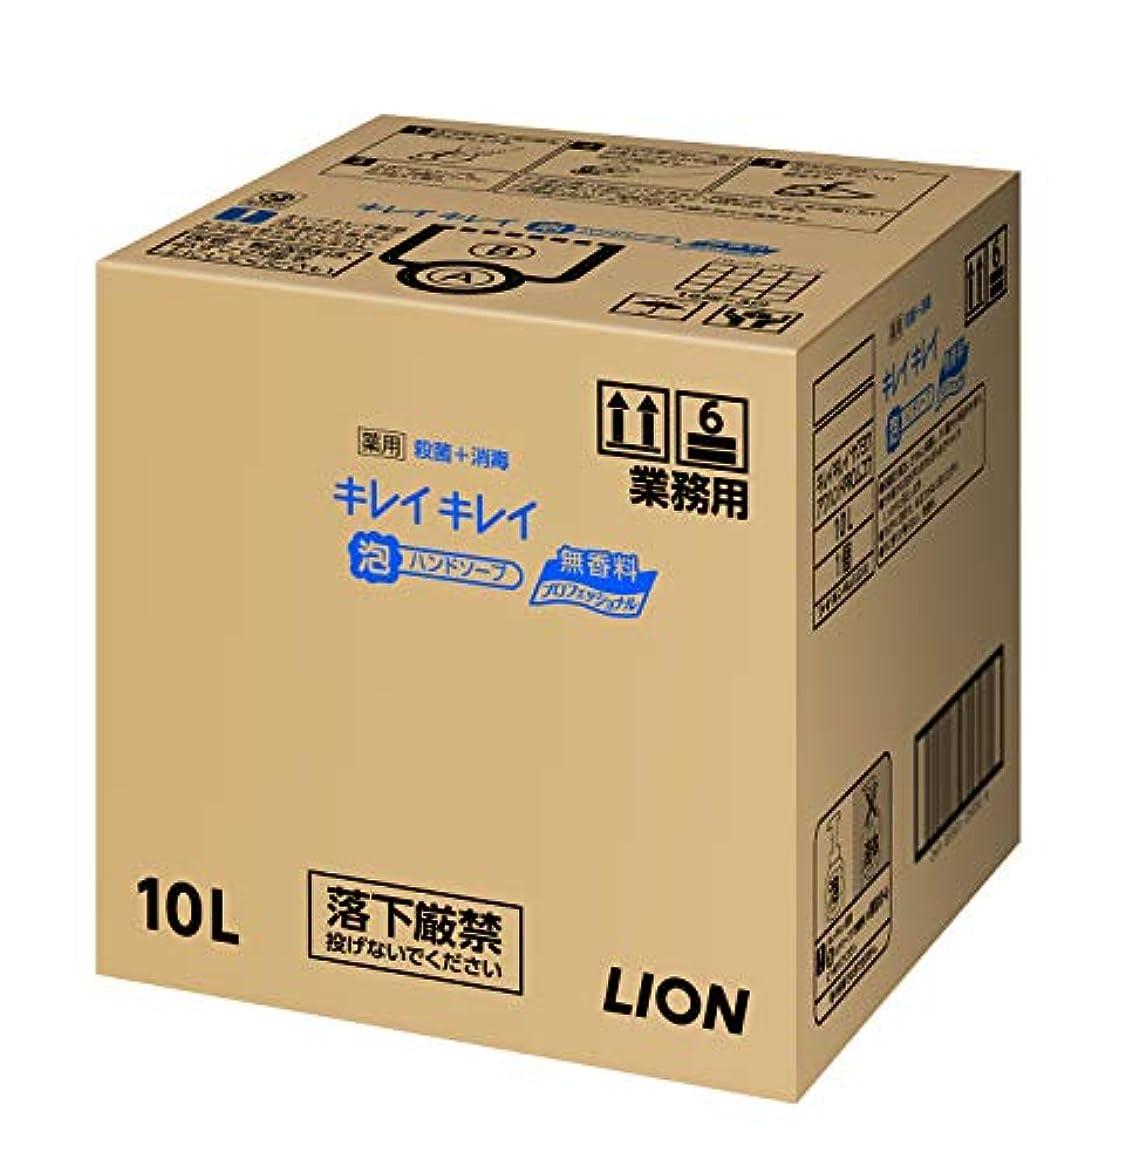 興奮全部気になる【業務用 大容量】キレイキレイ 薬用 泡ハンドソープ 無香料 10L(医薬部外品)